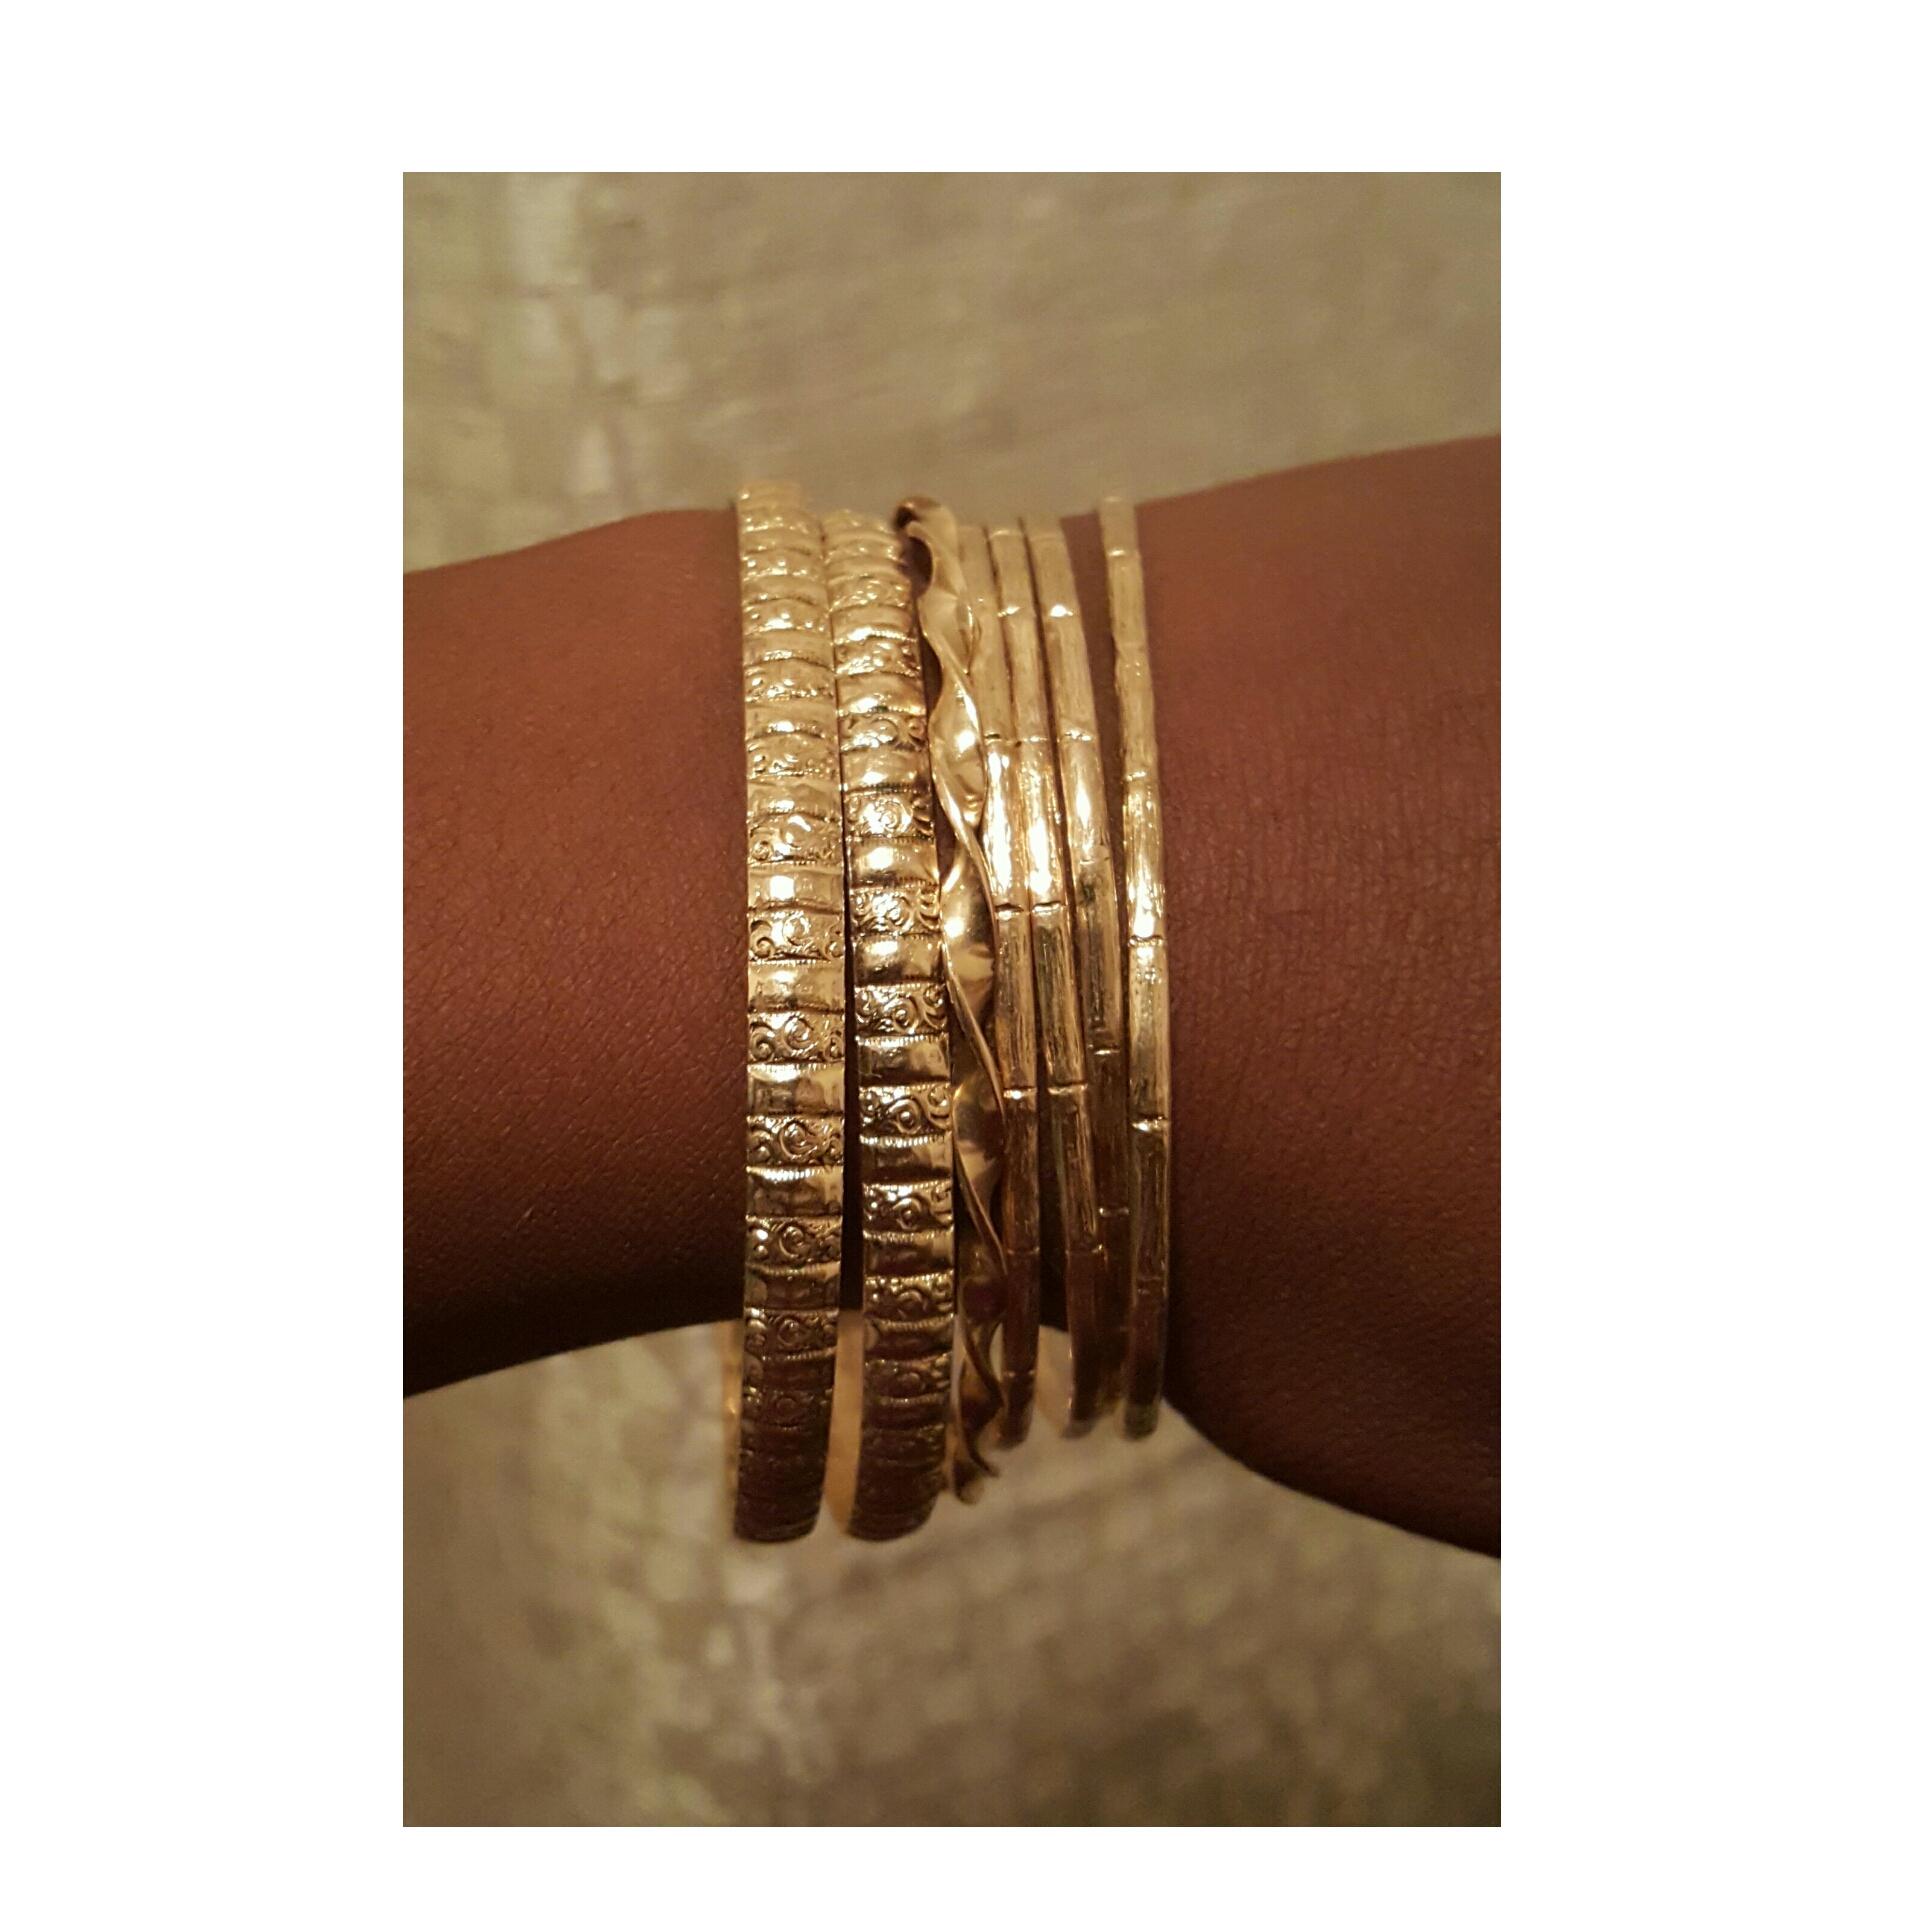 14k Gold Bangles - St. Thomas, U.S.V.I